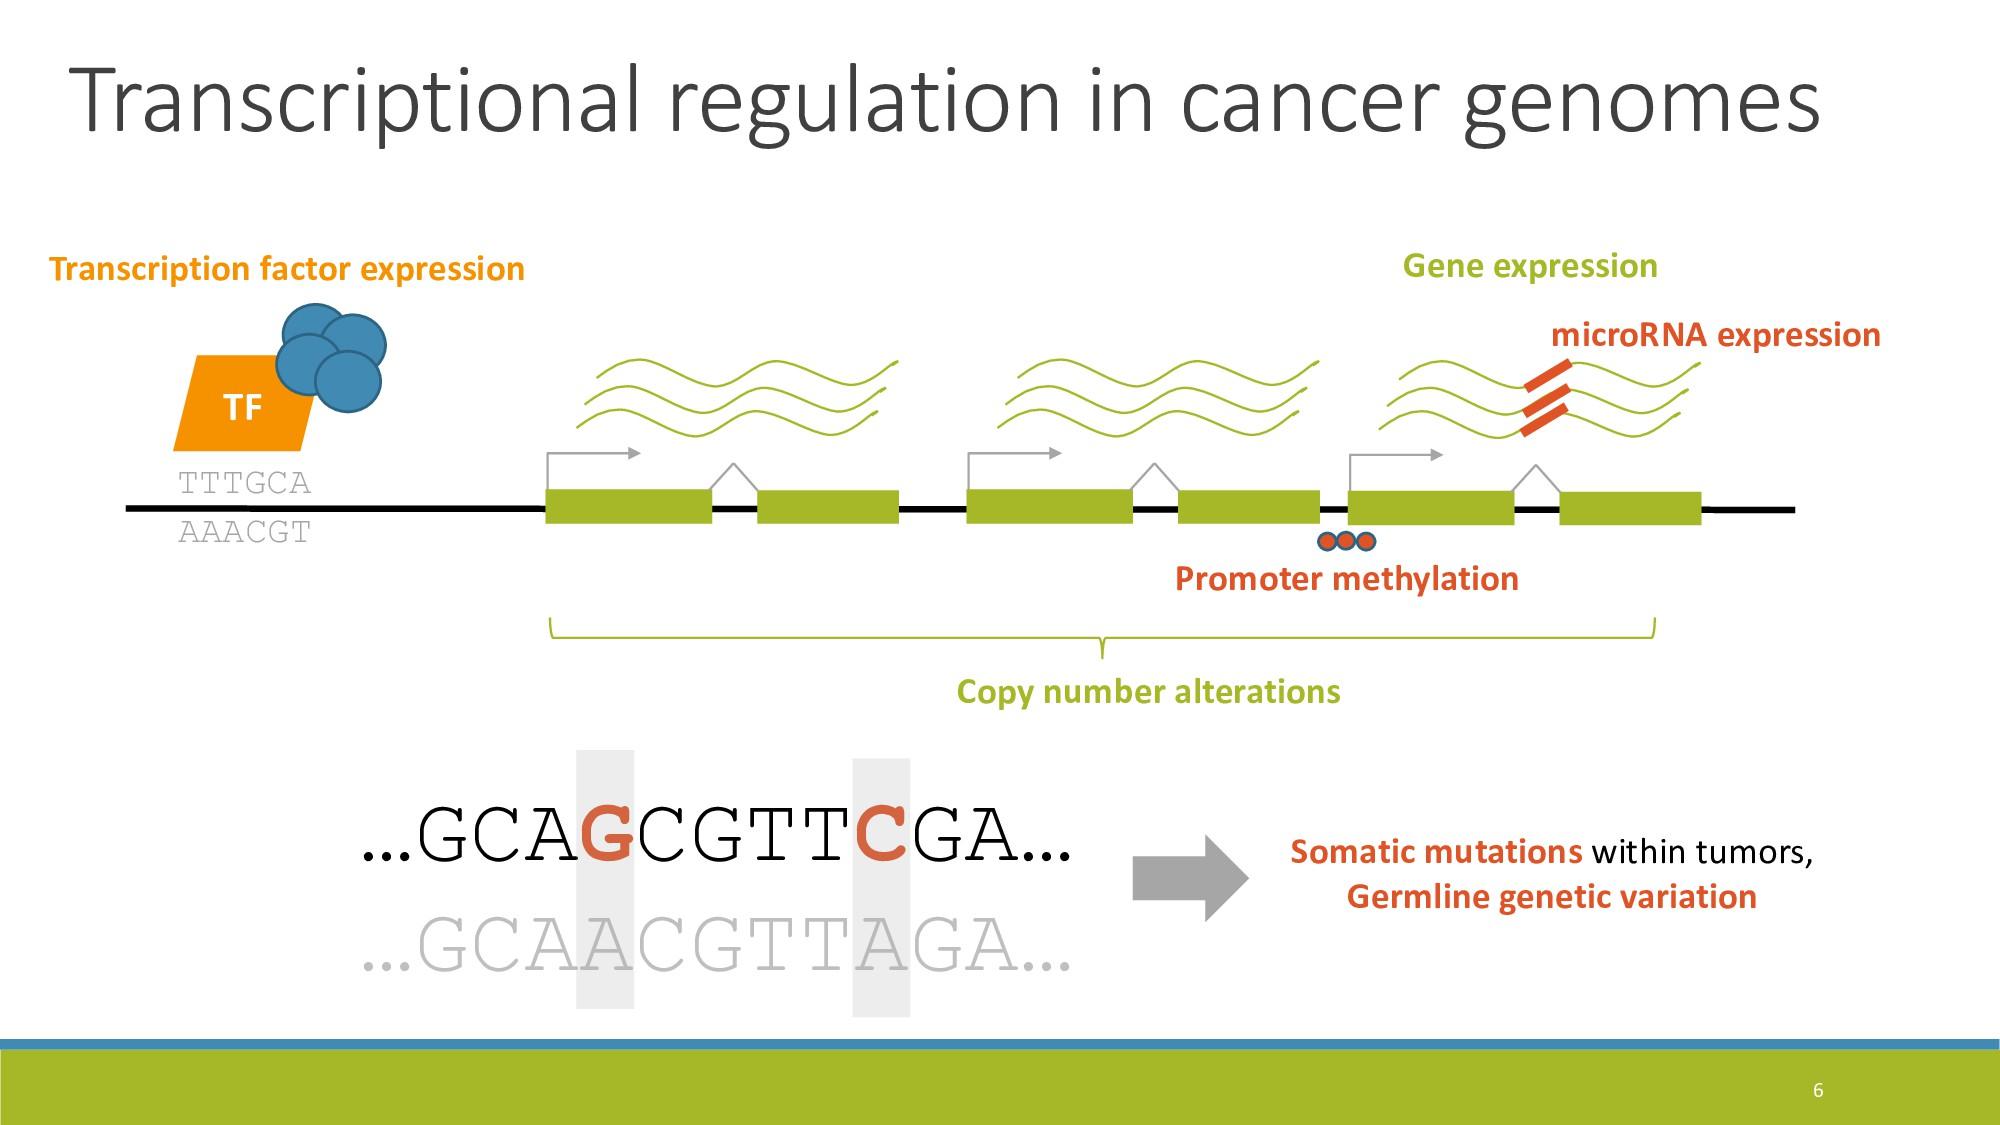 6 Gene expression TTTGCA AAACGT TF Transcriptio...